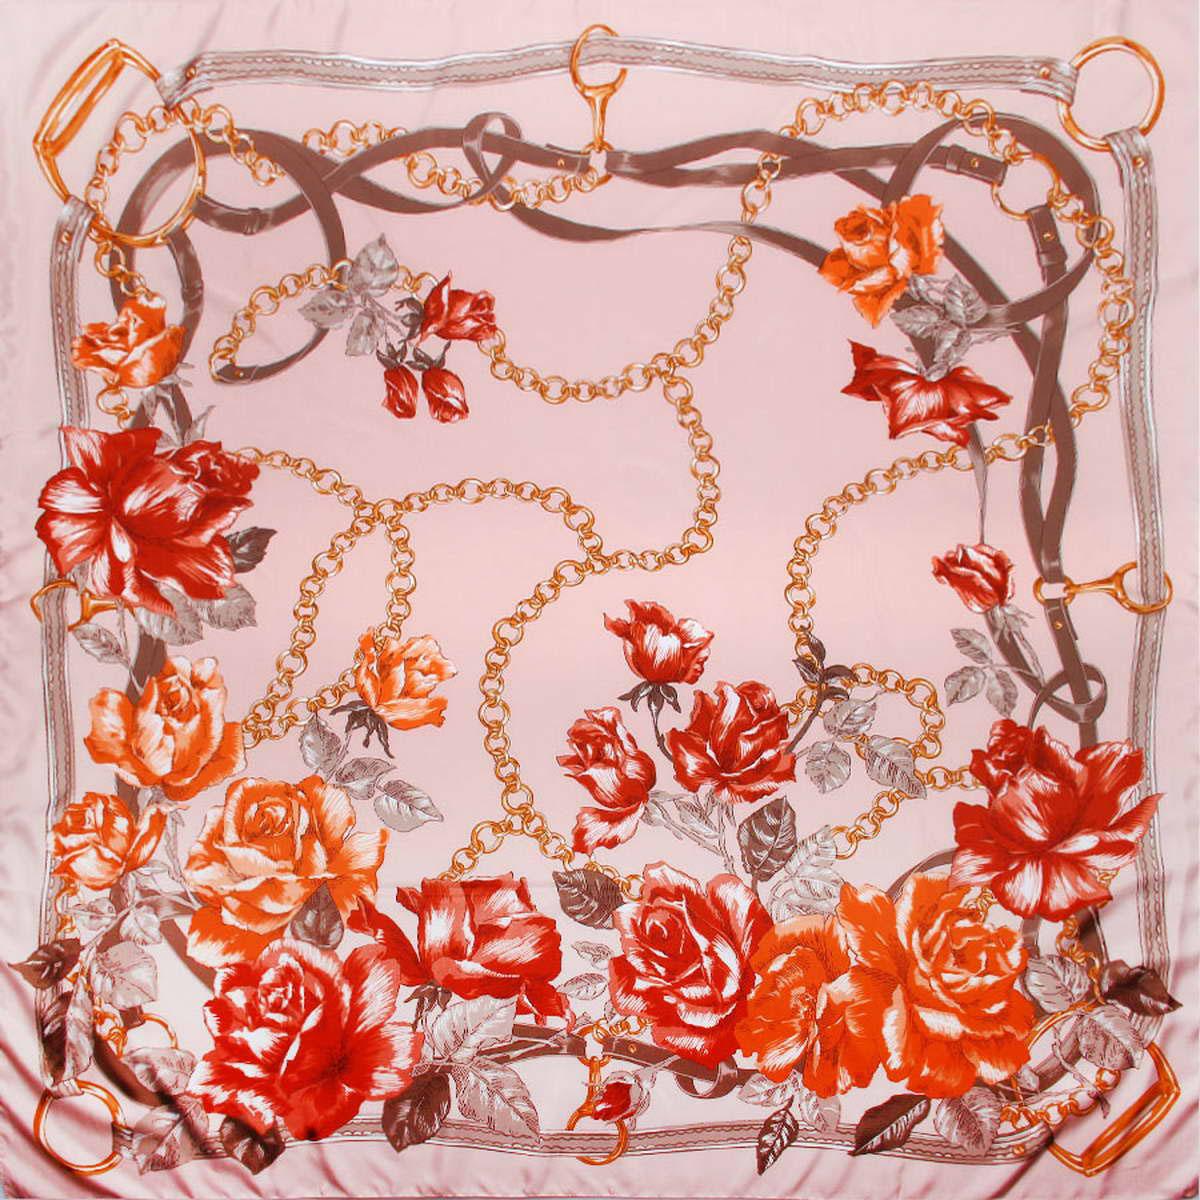 3904672-05Изысканный и аристократично шикарный женский платок Venera изготовлен из легкого и нежного полиэстера, станет самым популярным и неповторимым аксессуаром в этом сезоне. Спокойная и универсальная цветовая гамма, а также рисунок из красивых роз придаст вашему образу женственности, утонченности и деликатности. Классическая квадратная форма позволяет носить платок на шее, украшать им прическу или декорировать сумочку. Платок Venera превосходно дополнит любой наряд и подчеркнет ваш неповторимый вкус и элегантность.